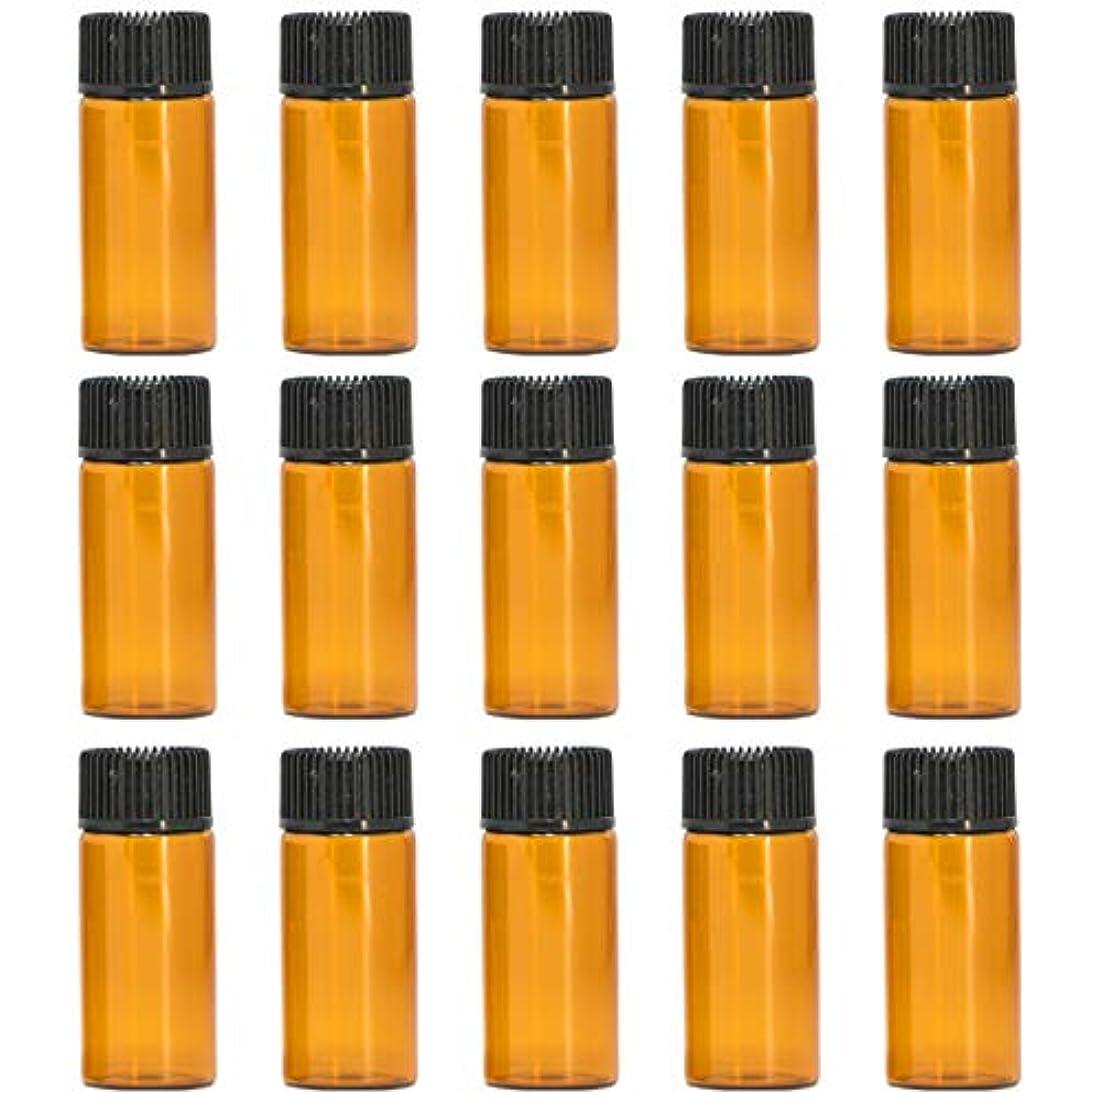 エアコンレンダー思春期のアロマオイル 精油 遮光瓶 遮光ビン ガラスボトル ガラス製 エッセンシャルオイル 保存用 保存容器詰め替え 茶色 ブラウン (5ml?15本セット))予備入り